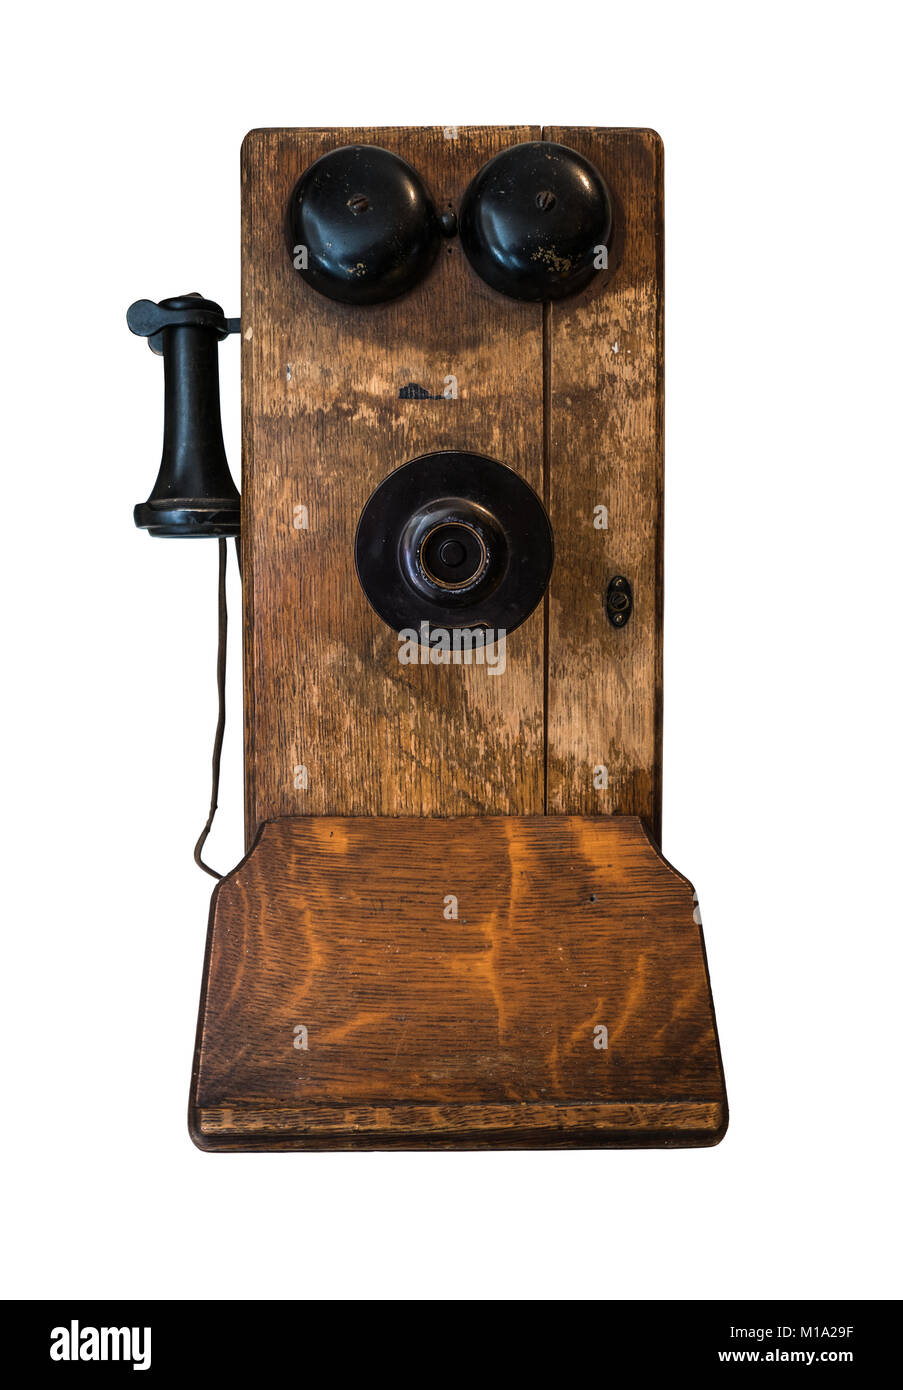 https www alamyimages fr photo image manivelle en bois ancien telephone isole sur fond blanc 172939691 html